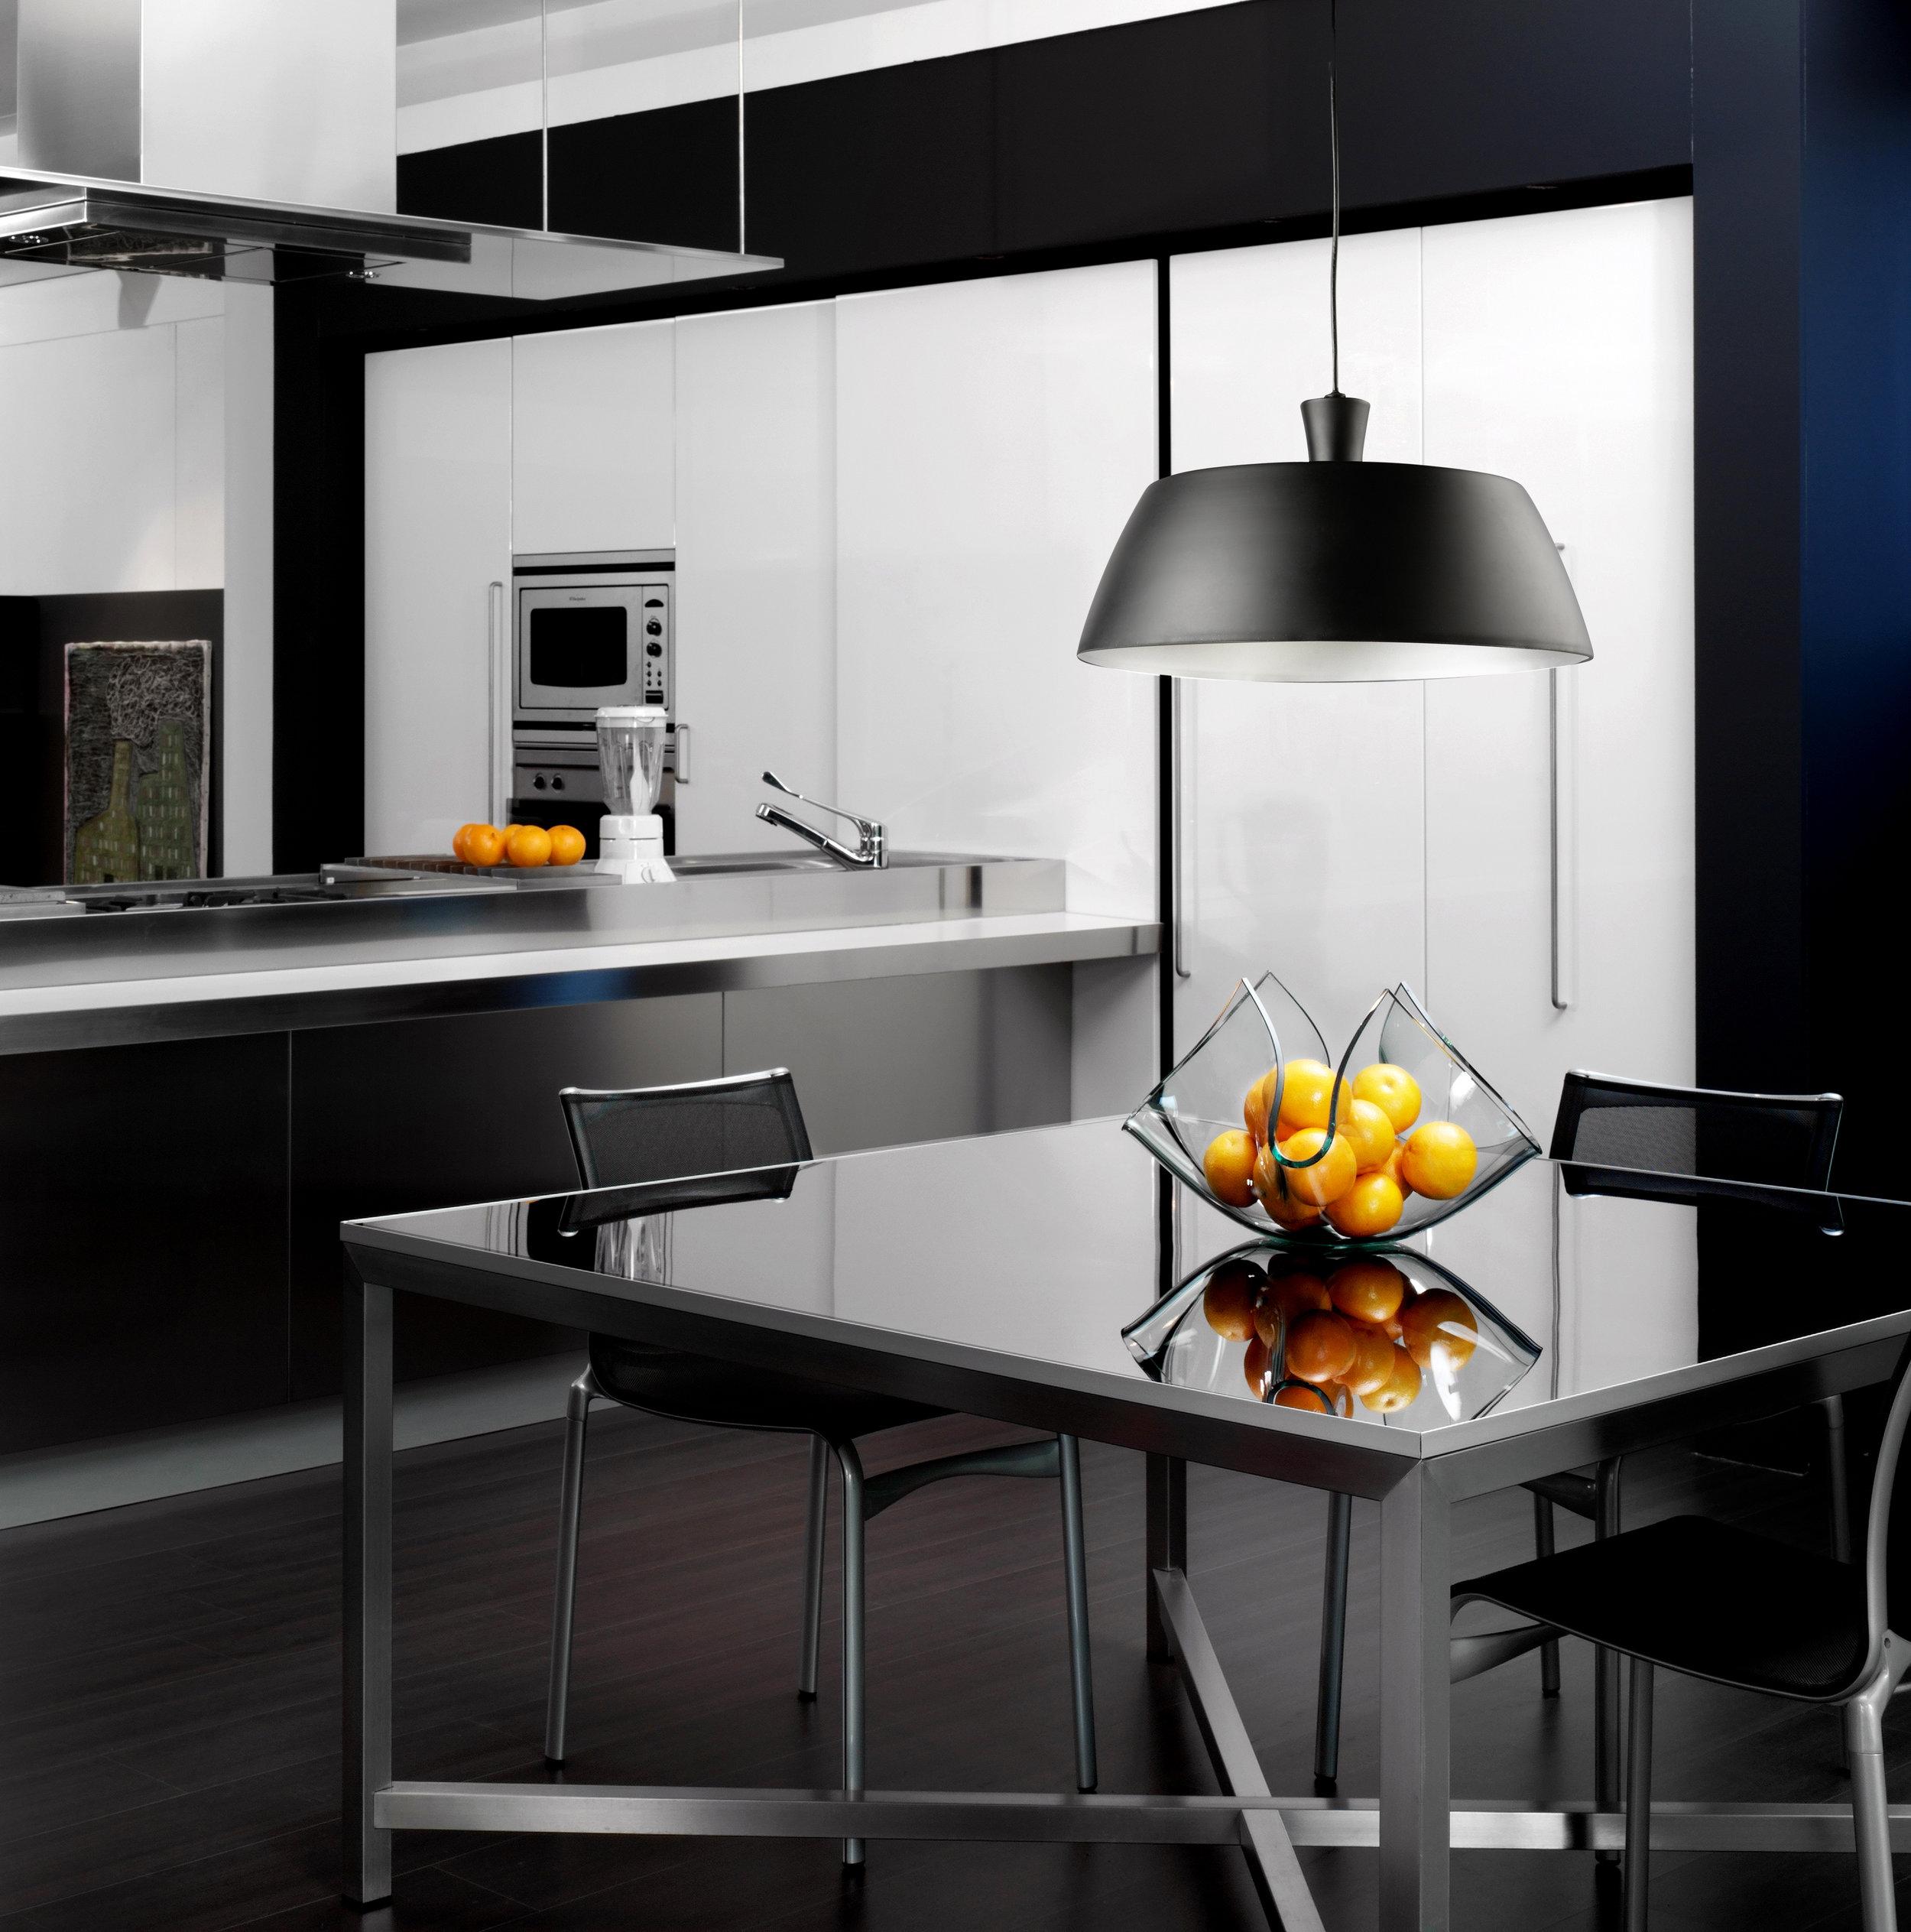 00-4344_kitchen_amb.jpg